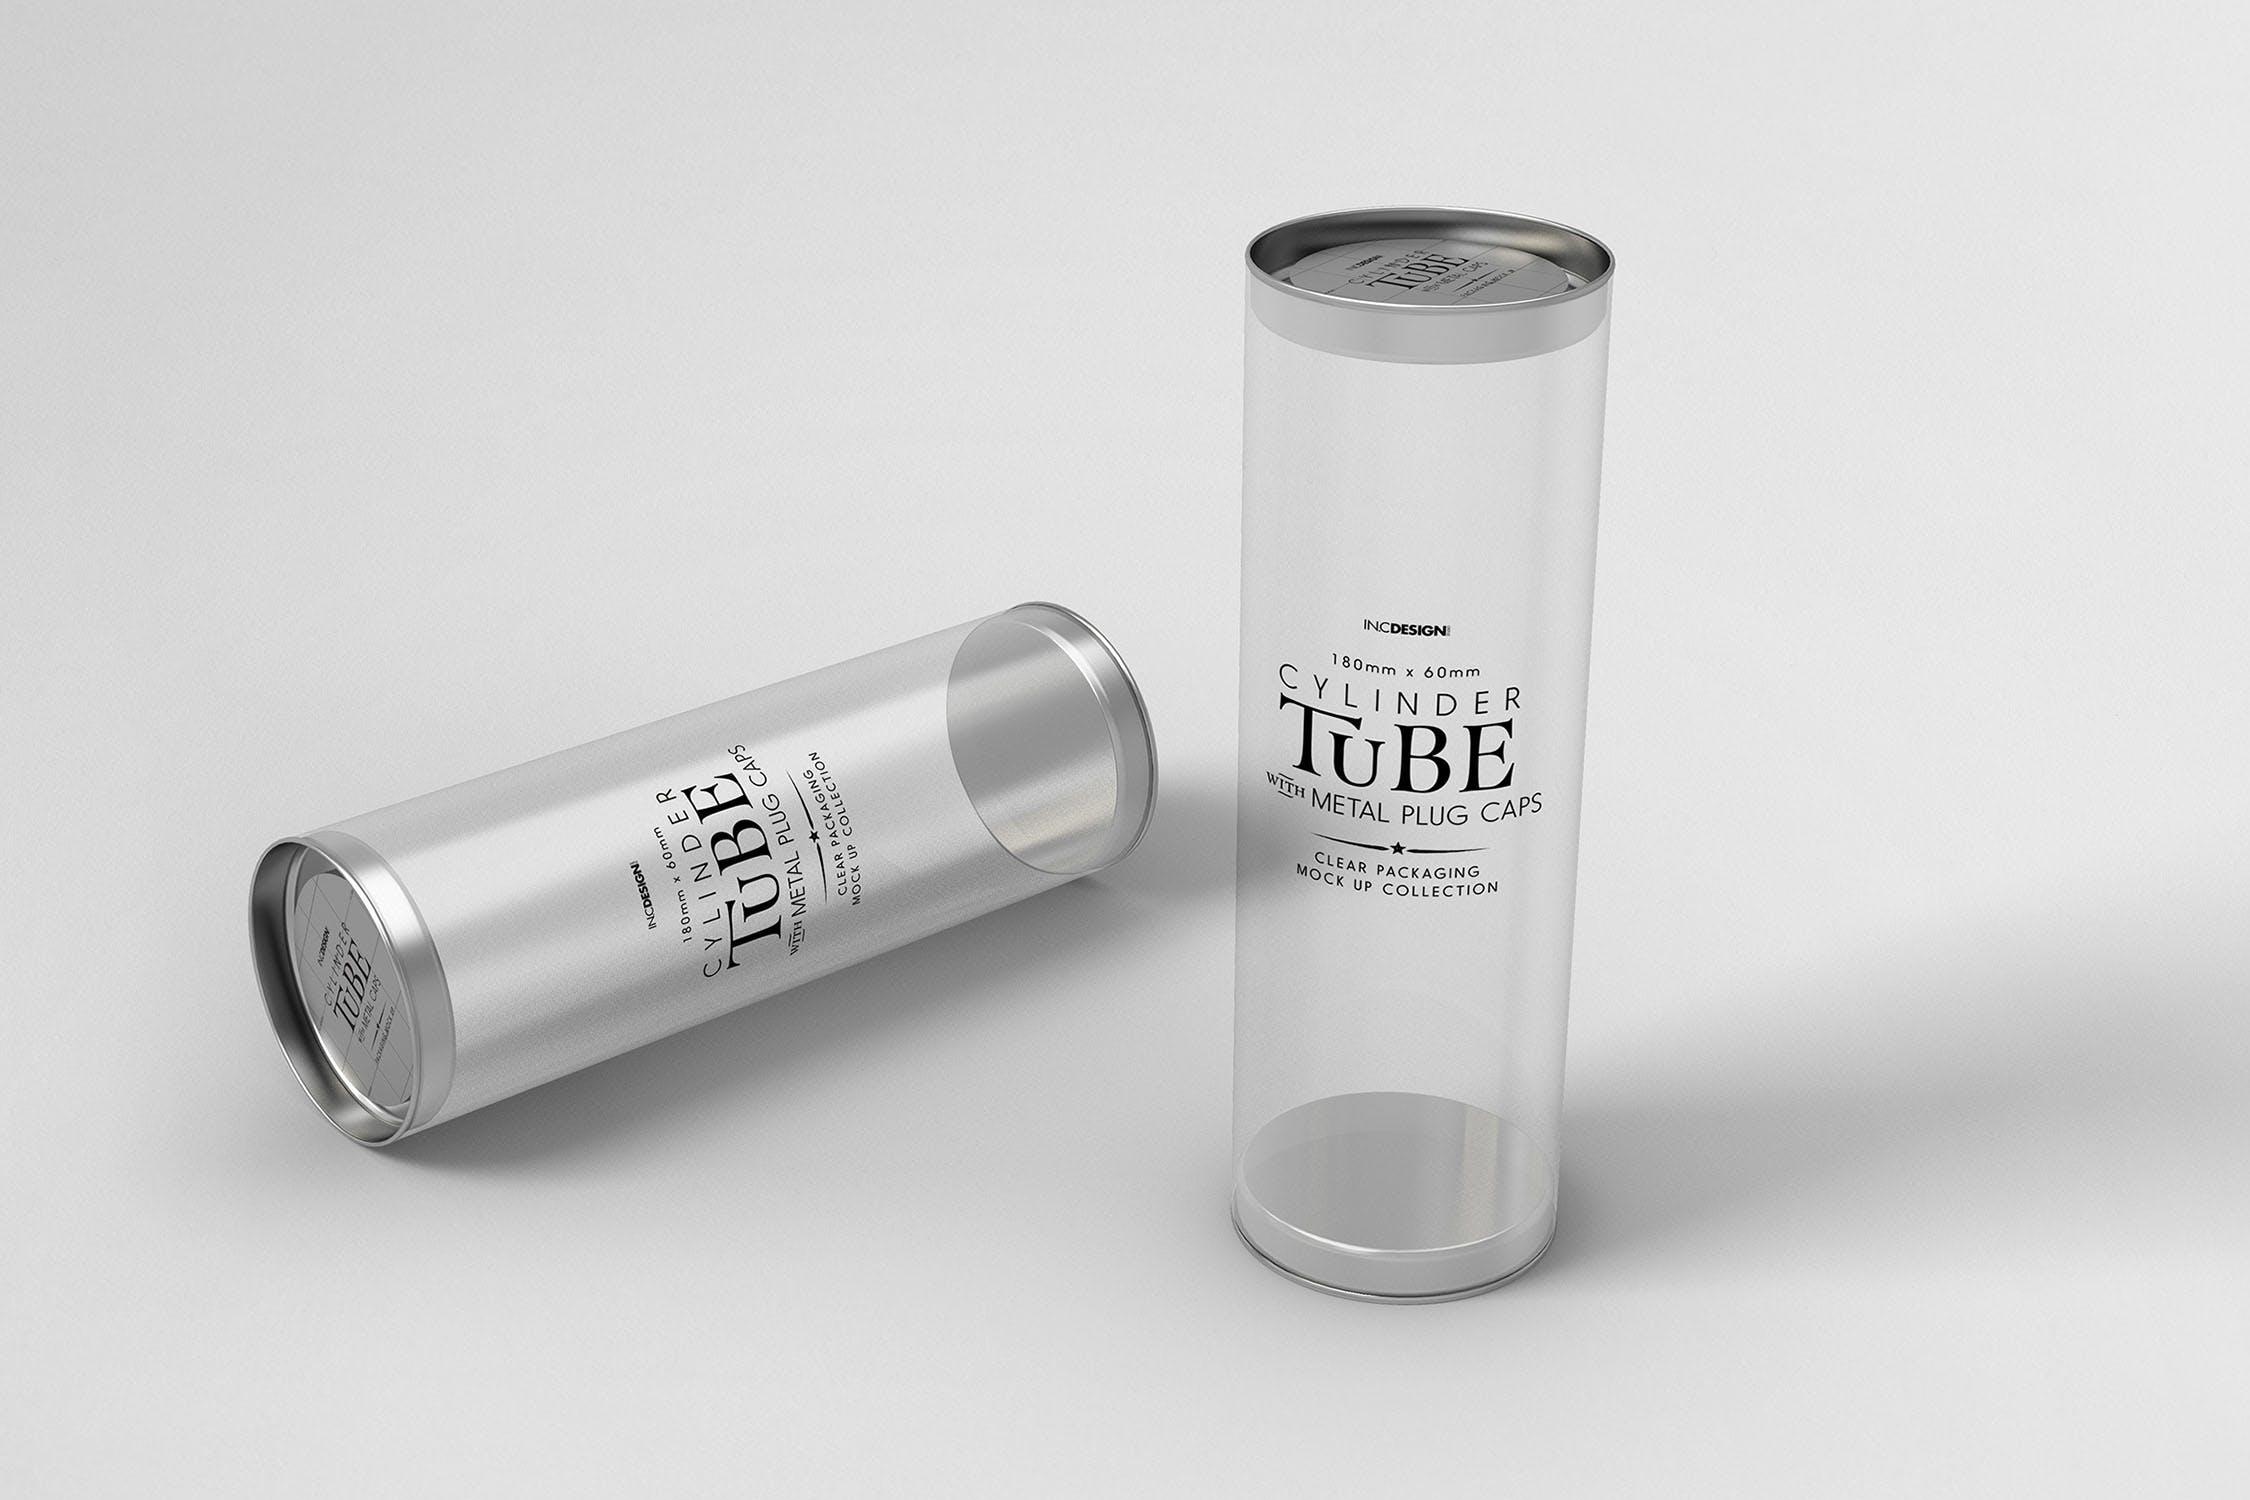 180mm透明圆筒包装样机素材模板展示180mm Clear cylinder Packaging Mock Up